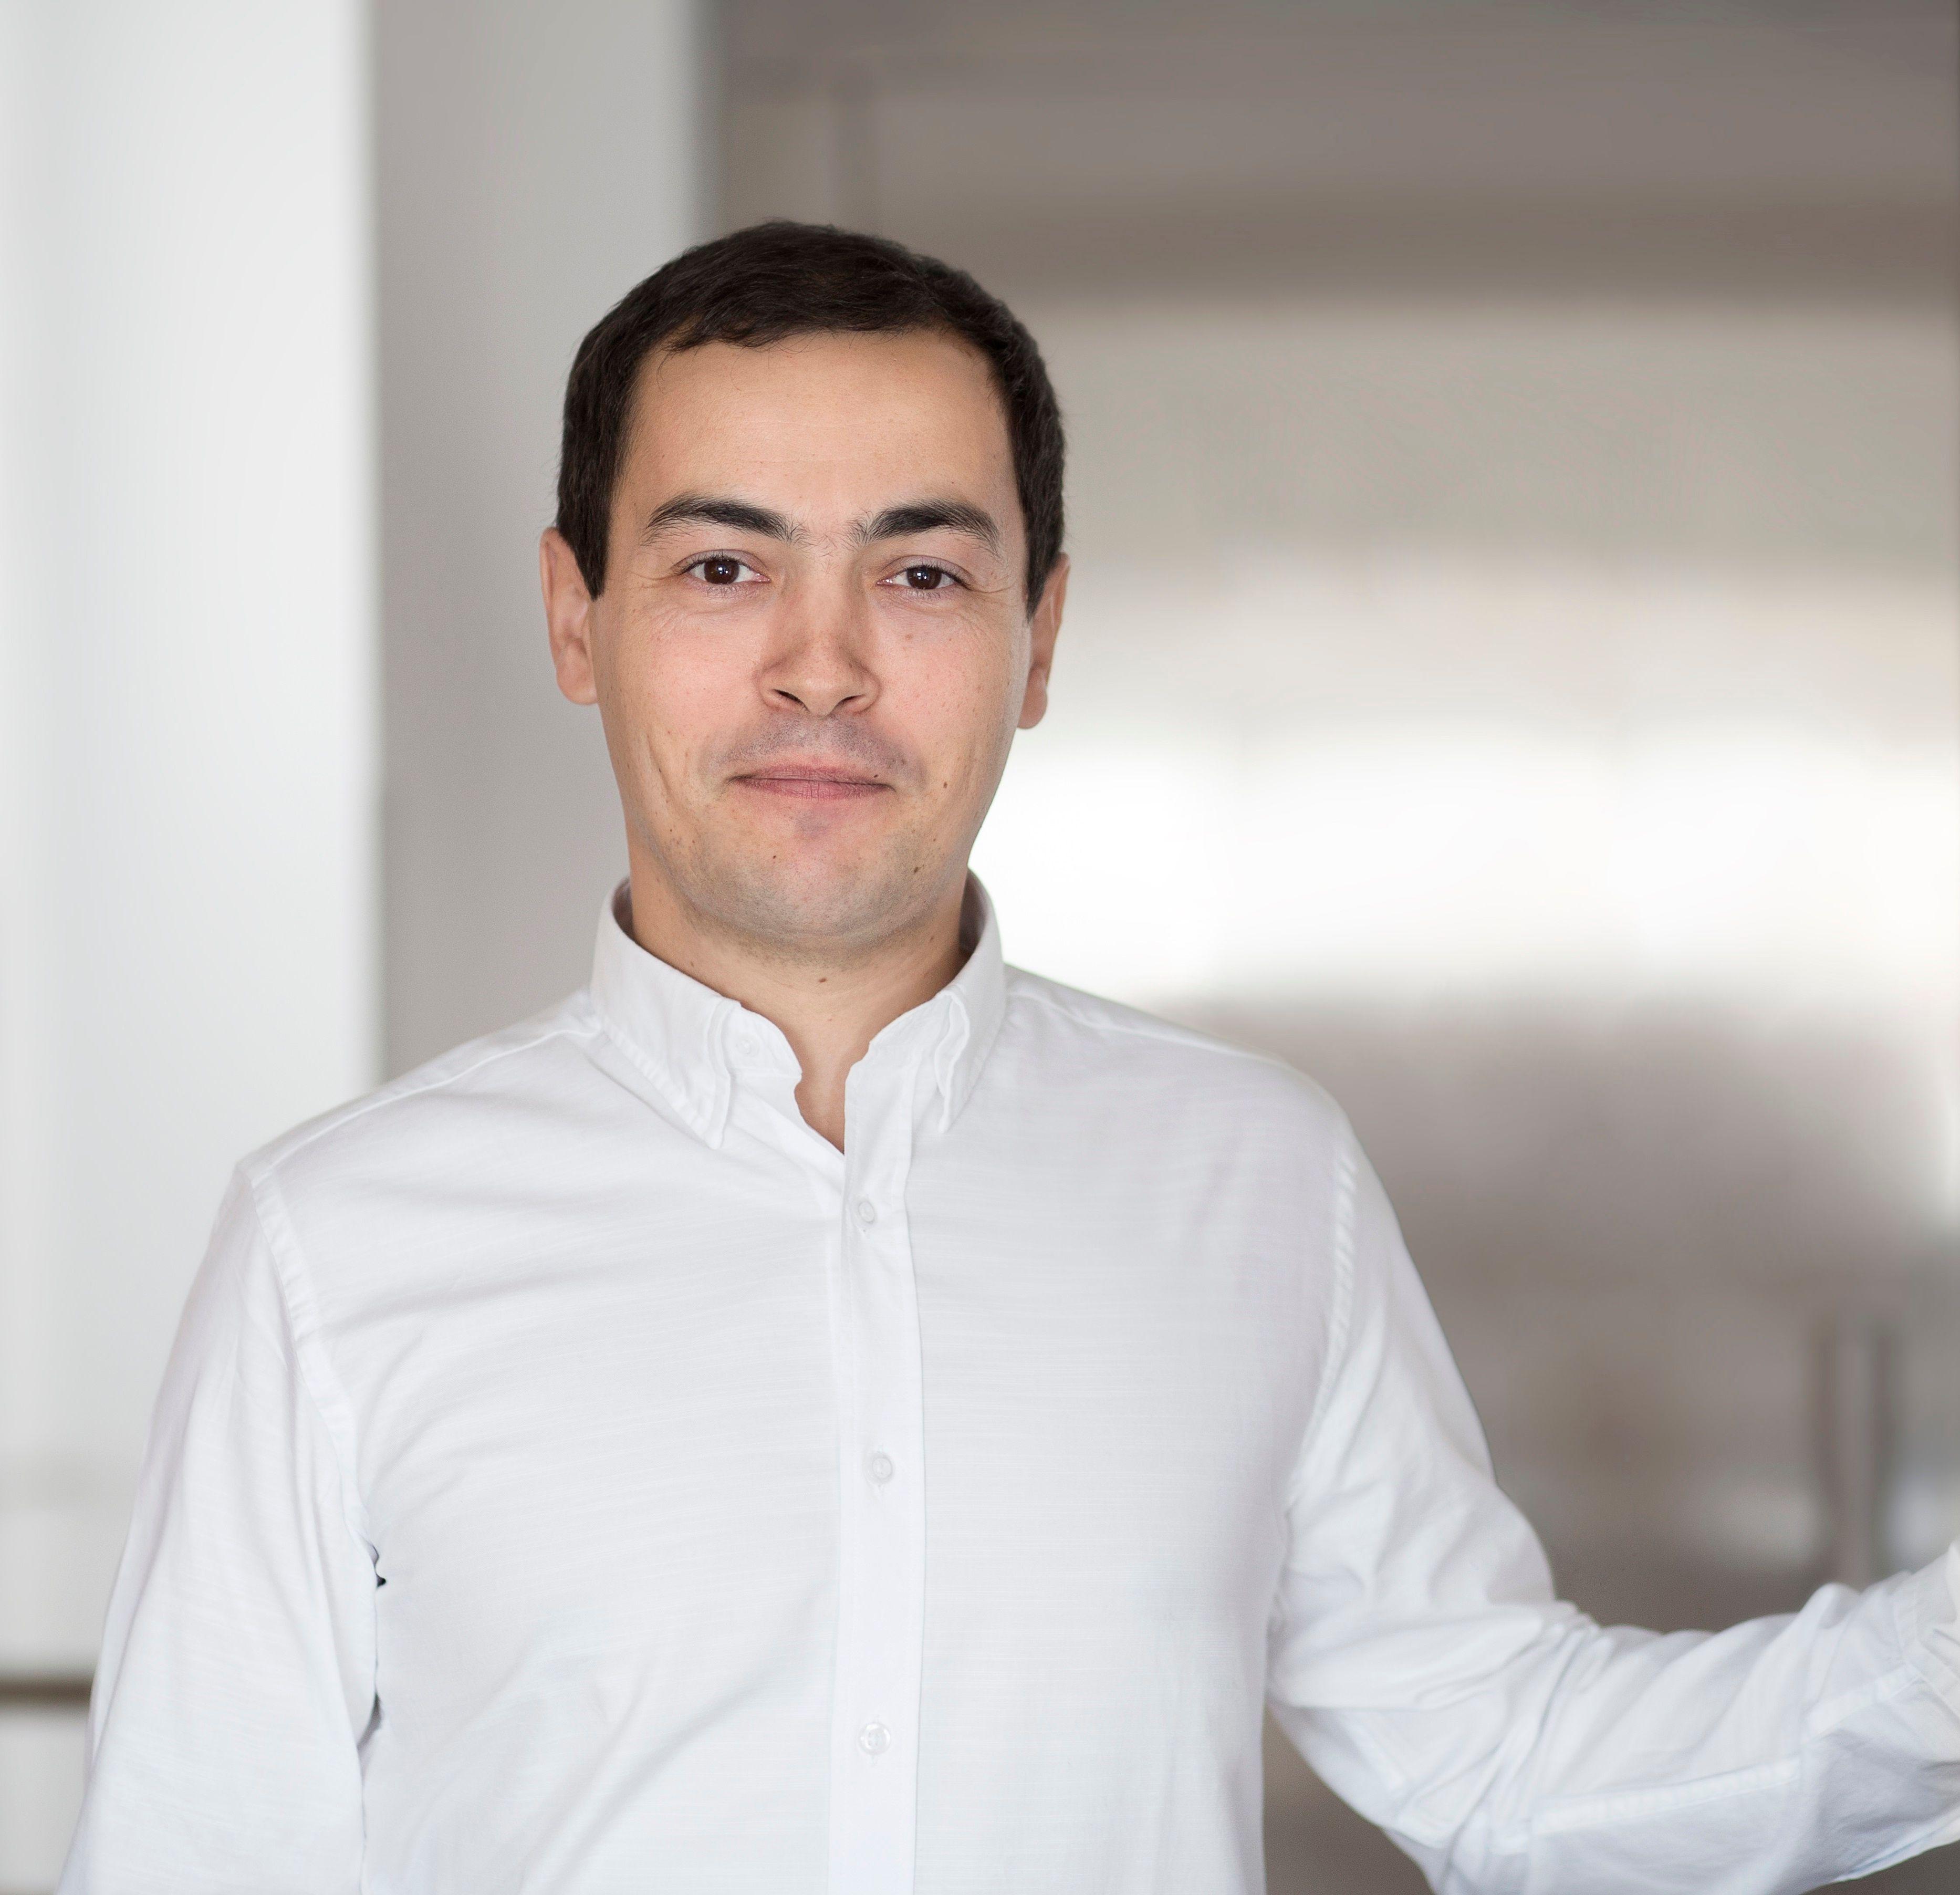 Liviu Munteanu